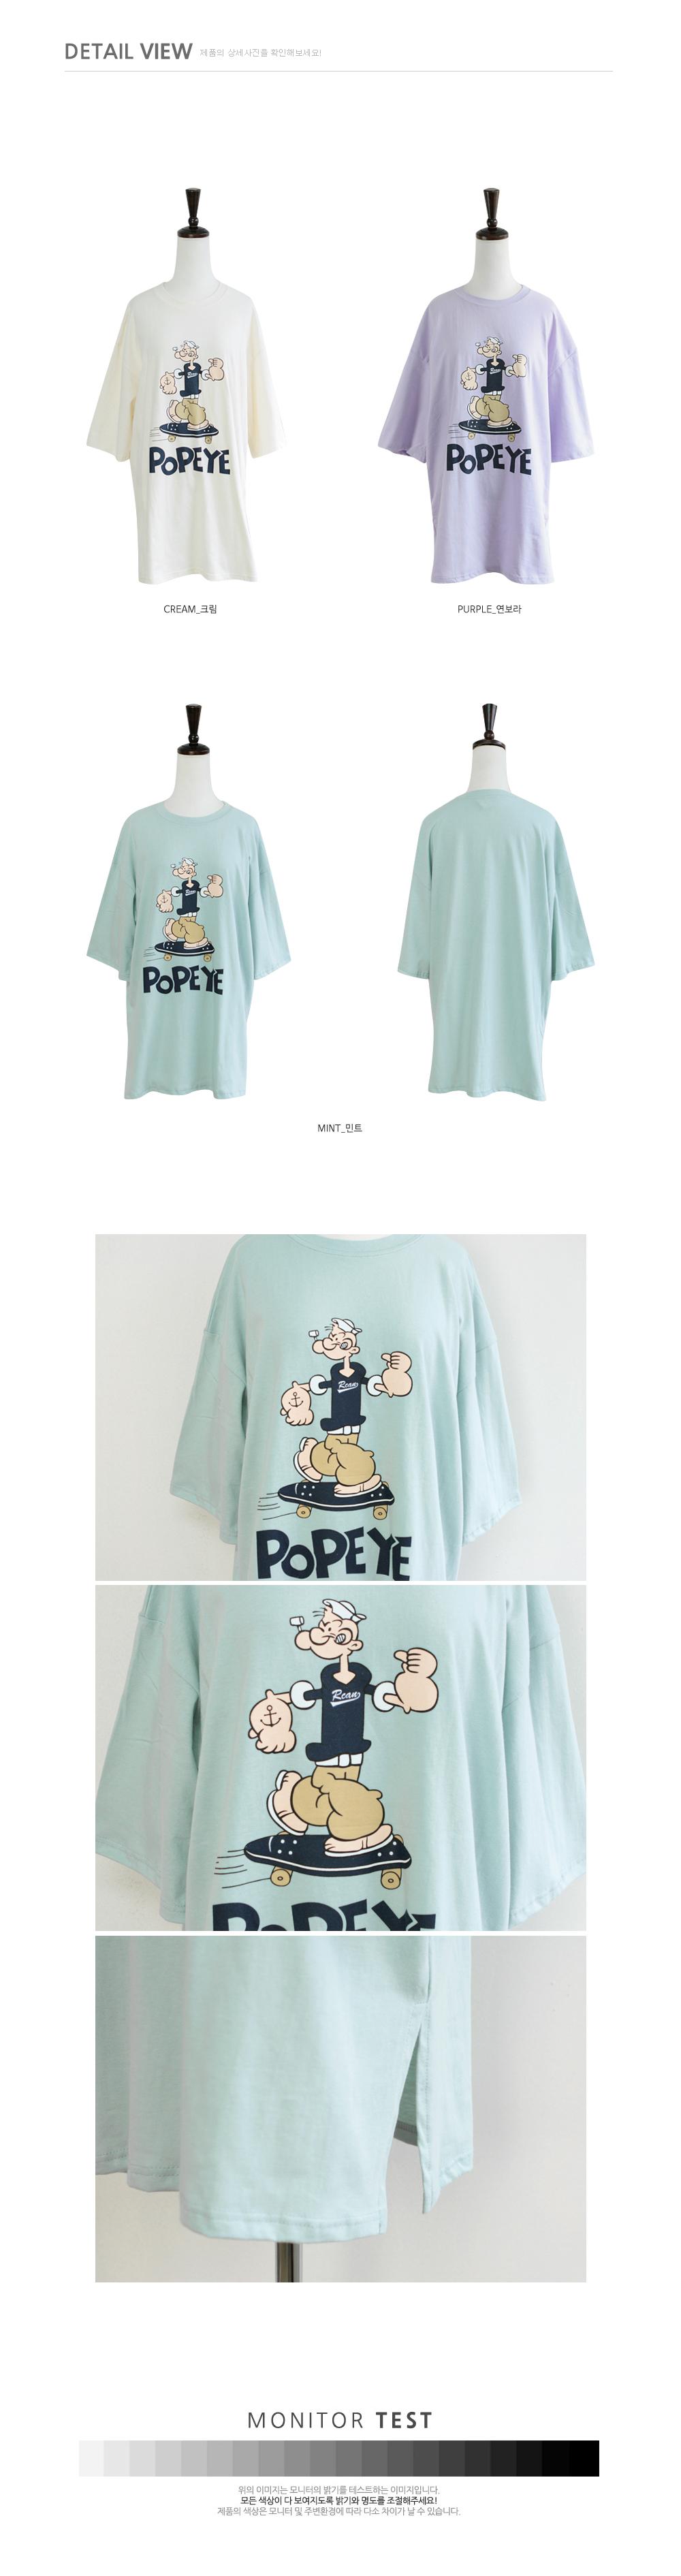 Popeye half-t